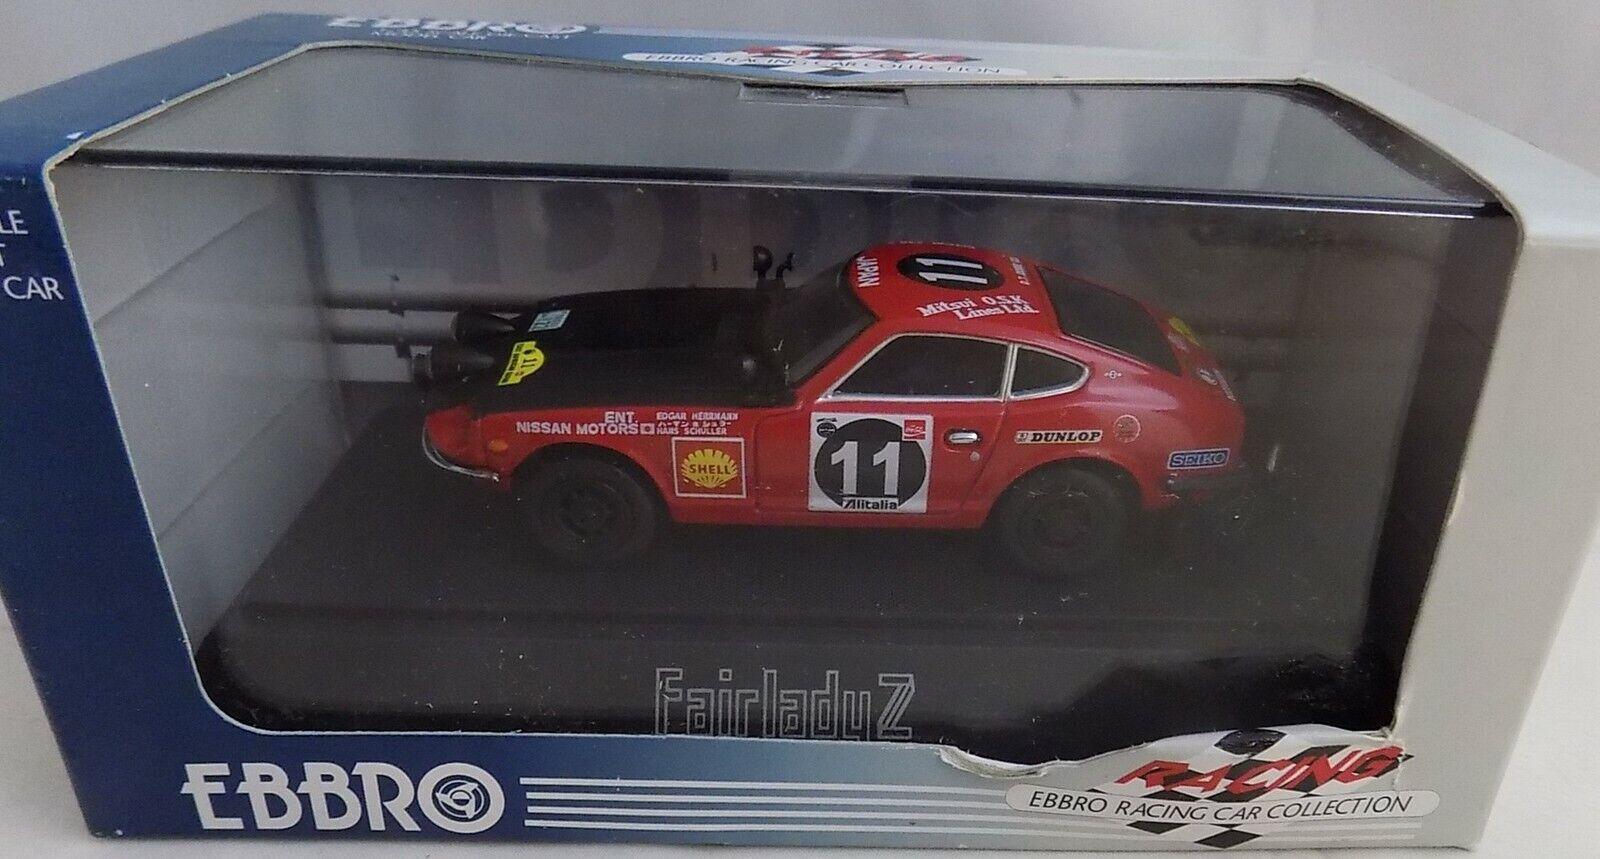 muchas sorpresas Ebbro 1 1 1 43 Nissan Datsun Fairlady Z 240Z Safari Rally Rojo Negro 43103 Nuevo En Caja  Garantía 100% de ajuste